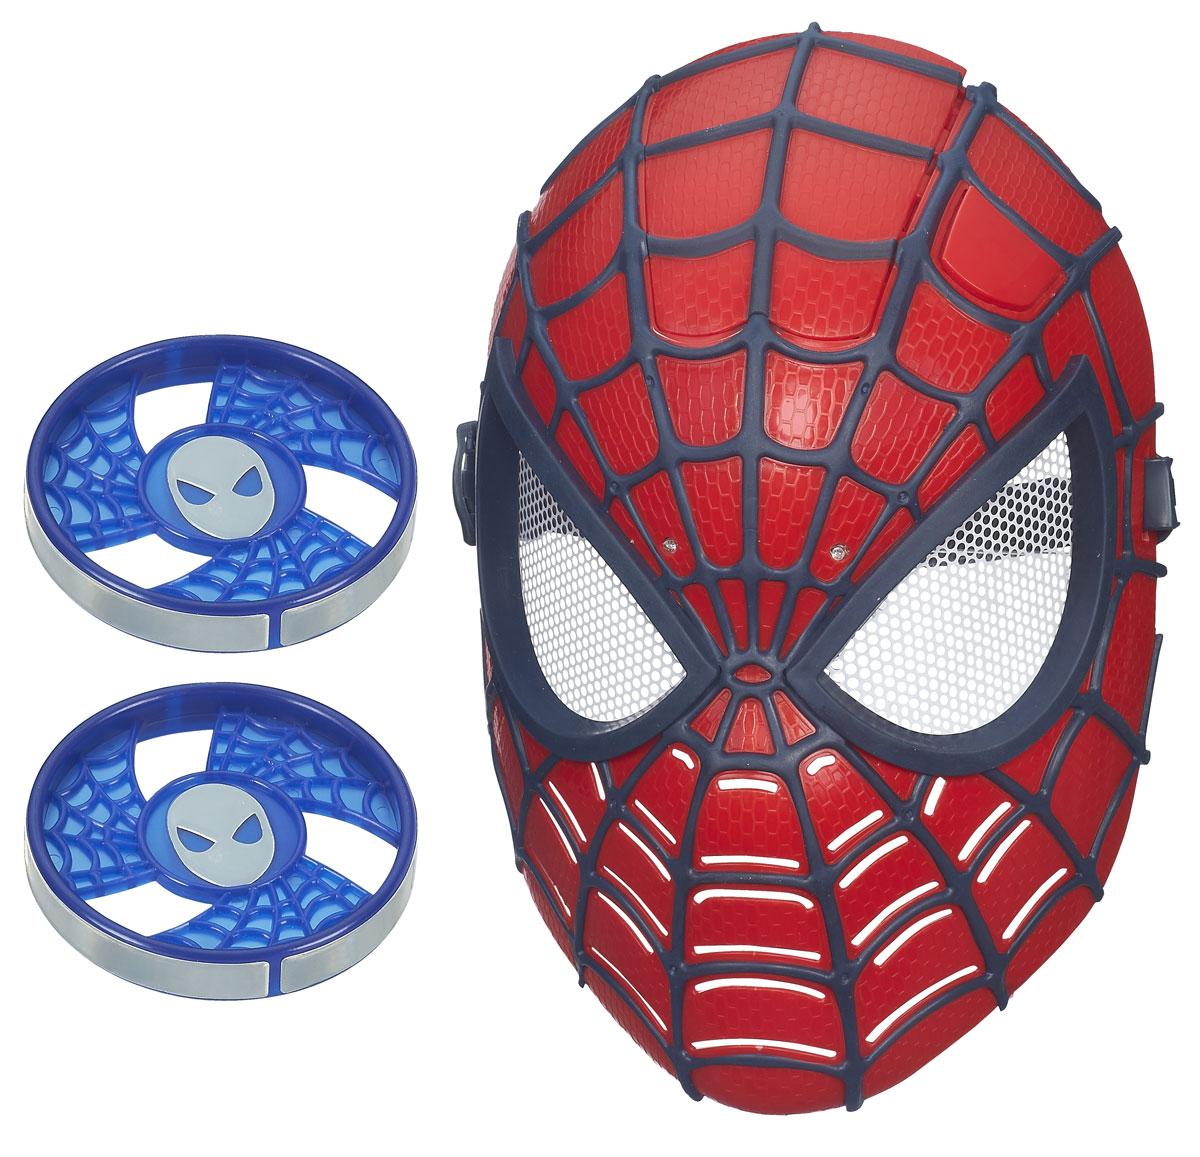 Электронная маска Spider-man Человек-паук, цвет: красный, черныйB5713У вашего ребенка намечается детский утренник, бал-маскарад или карнавал? Электронная маска Spider-man Человек-паук внесет нотку задора и веселья в праздник и станет завершающим штрихом в создании праздничного образа. Маска имеет прорези для глаз с сетчатыми пластиковыми вставками и держится на голове при помощи эластичных ремешков на липучке. Благодаря технологии Fire Vision ребенок сможет увидеть соперников даже в темноте. Две лампочки между глаз загораются при нажатии кнопки сверху, чтобы повергнуть в ужас любого, кто противостоит супергерою! В комплект включены два светоотражающих диска, которые видны в темноте с помощью маски. Человек-паук - супергерой, получивший суперсилу, увеличенную ловкость, паучье чутье, а также способность держаться на отвесных поверхностях и выпускать паутину из рук. Теперь он готов наказать злодеев, которые покушаются но покой его родного города! Перевоплотись в своего любимого супергероя с этой маской! Характеристики: ...